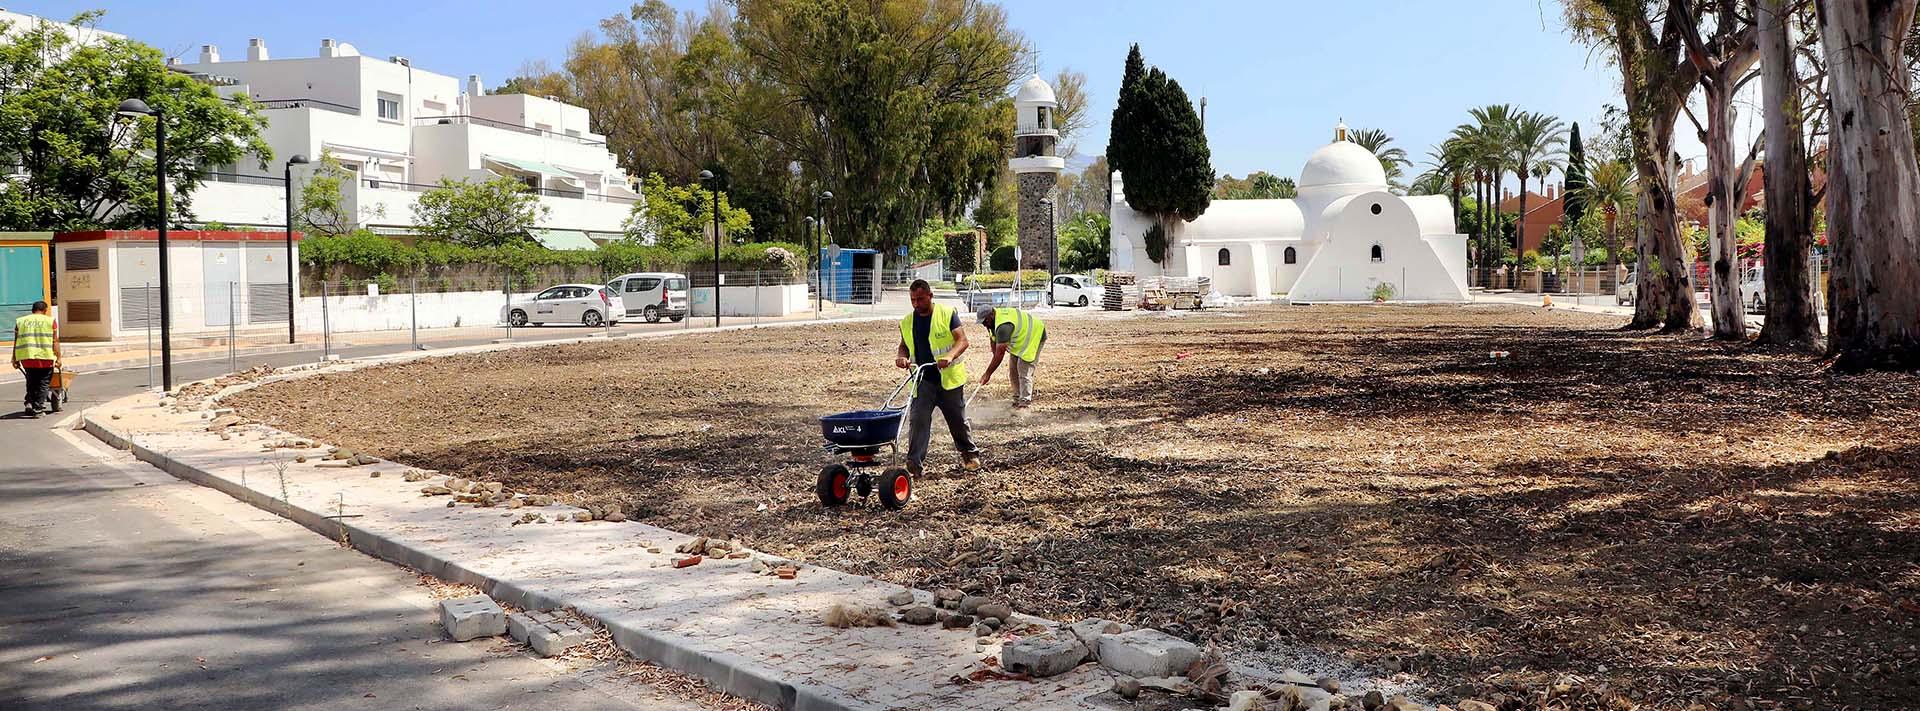 Obras en la Urbanización Guadalmina Baja